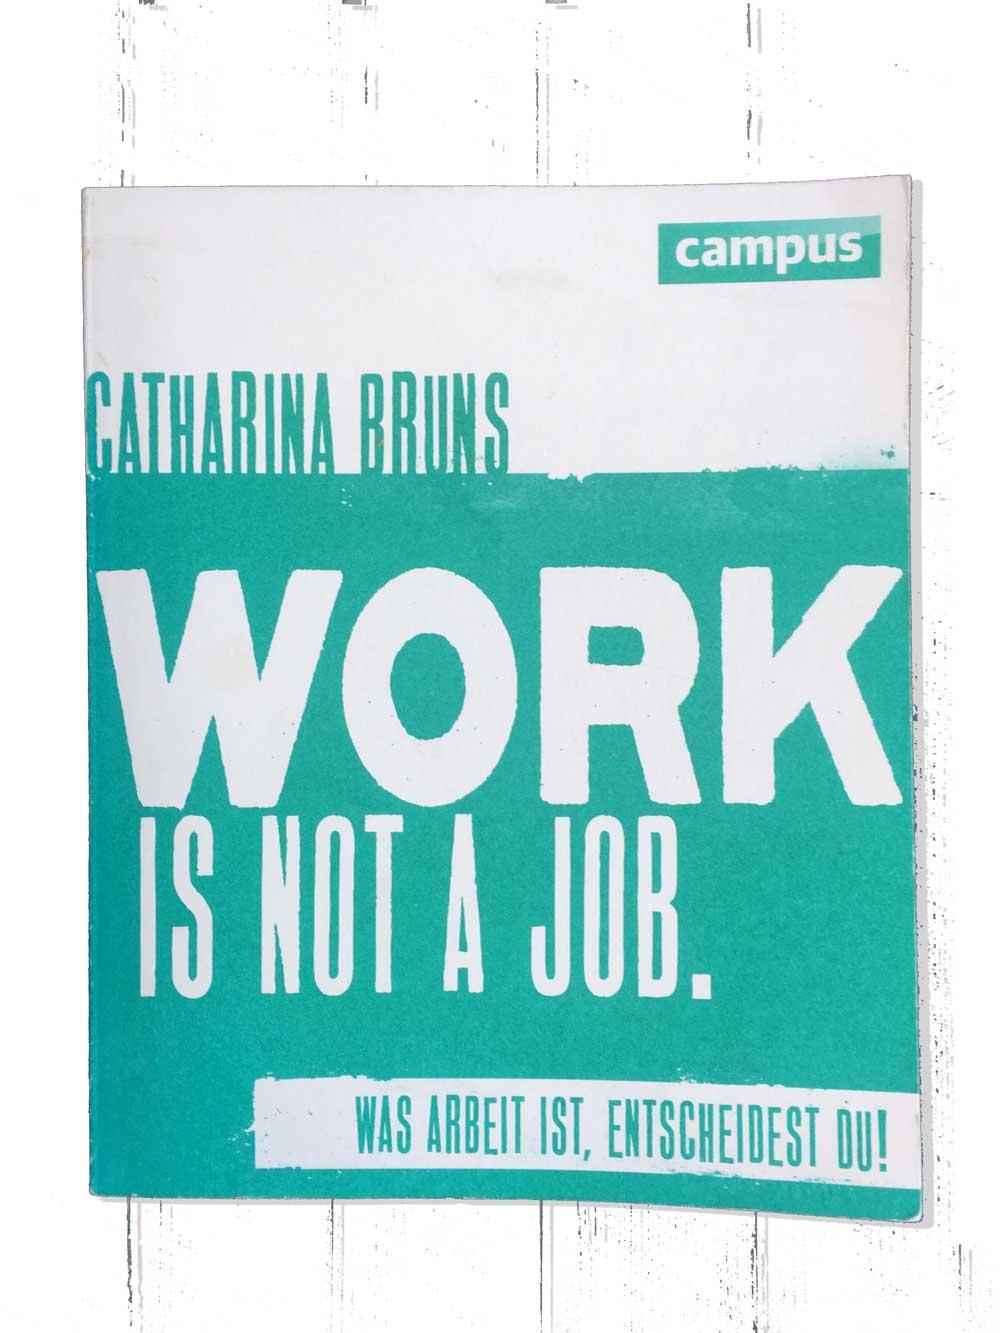 Buchempfehlung work is not a job